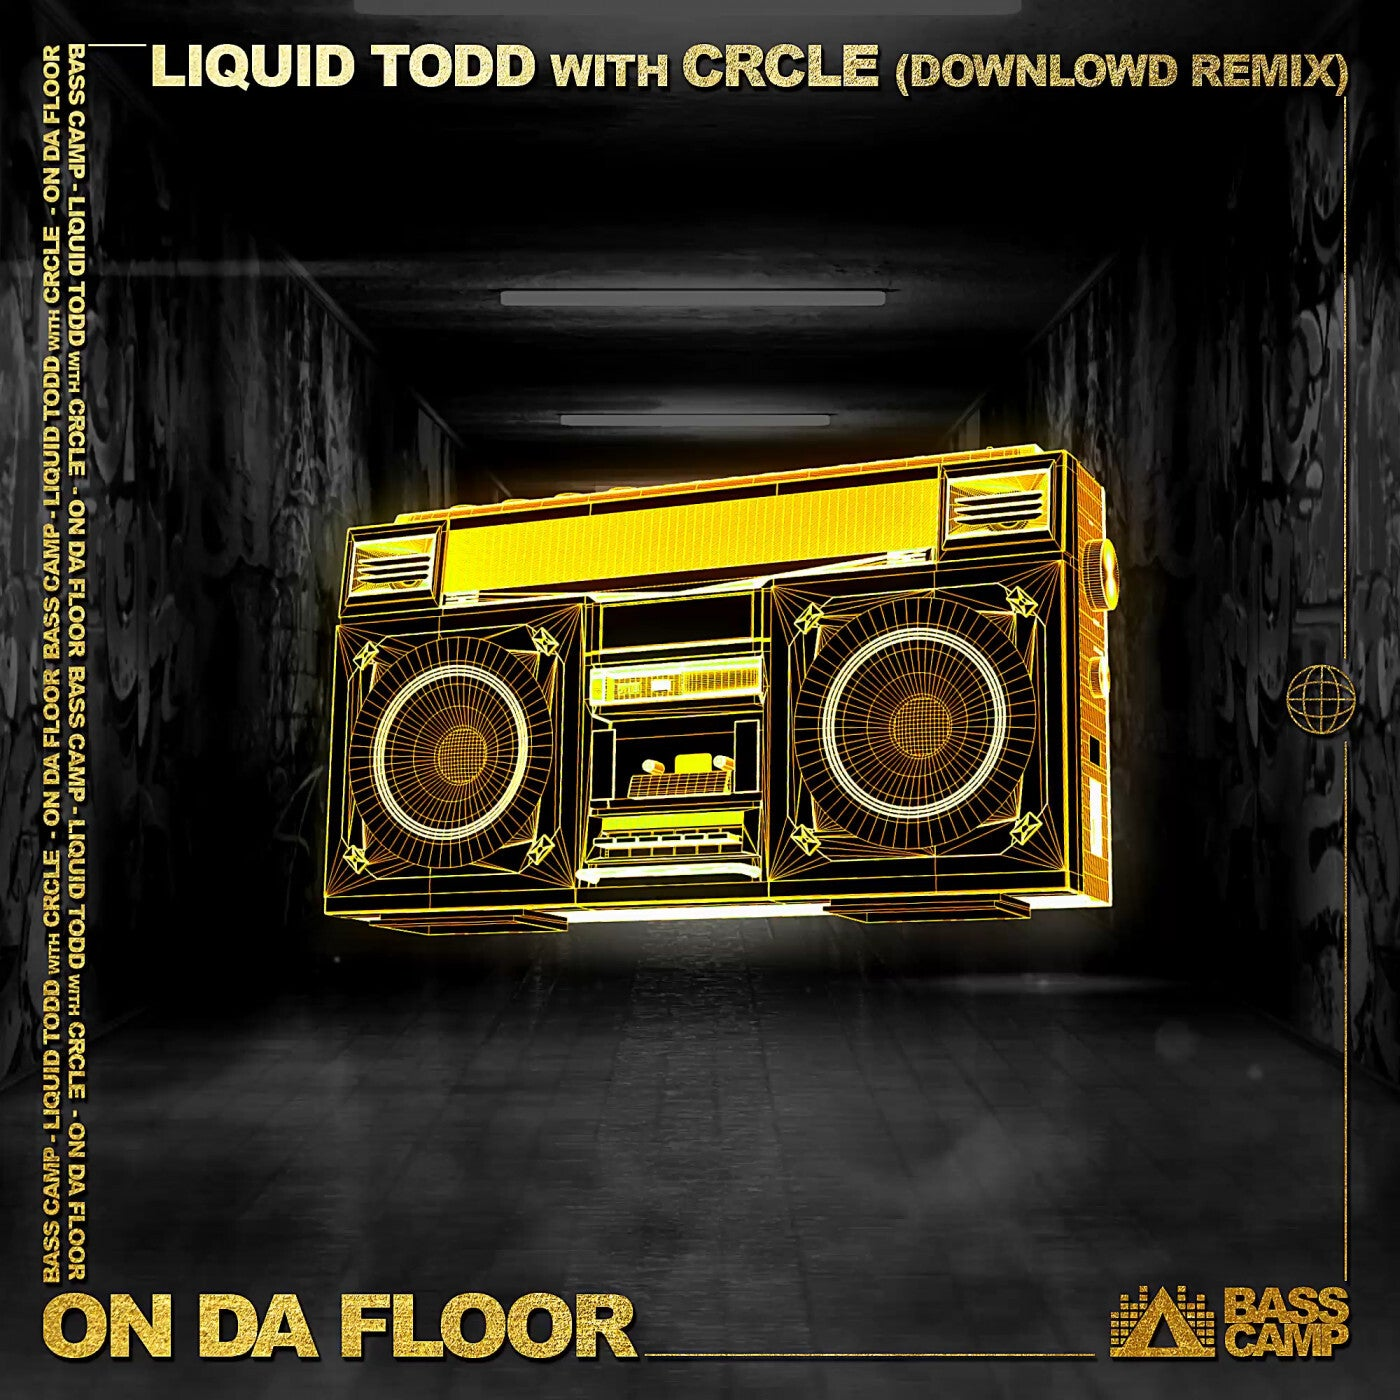 On Da Floor (Downlowd Remix)